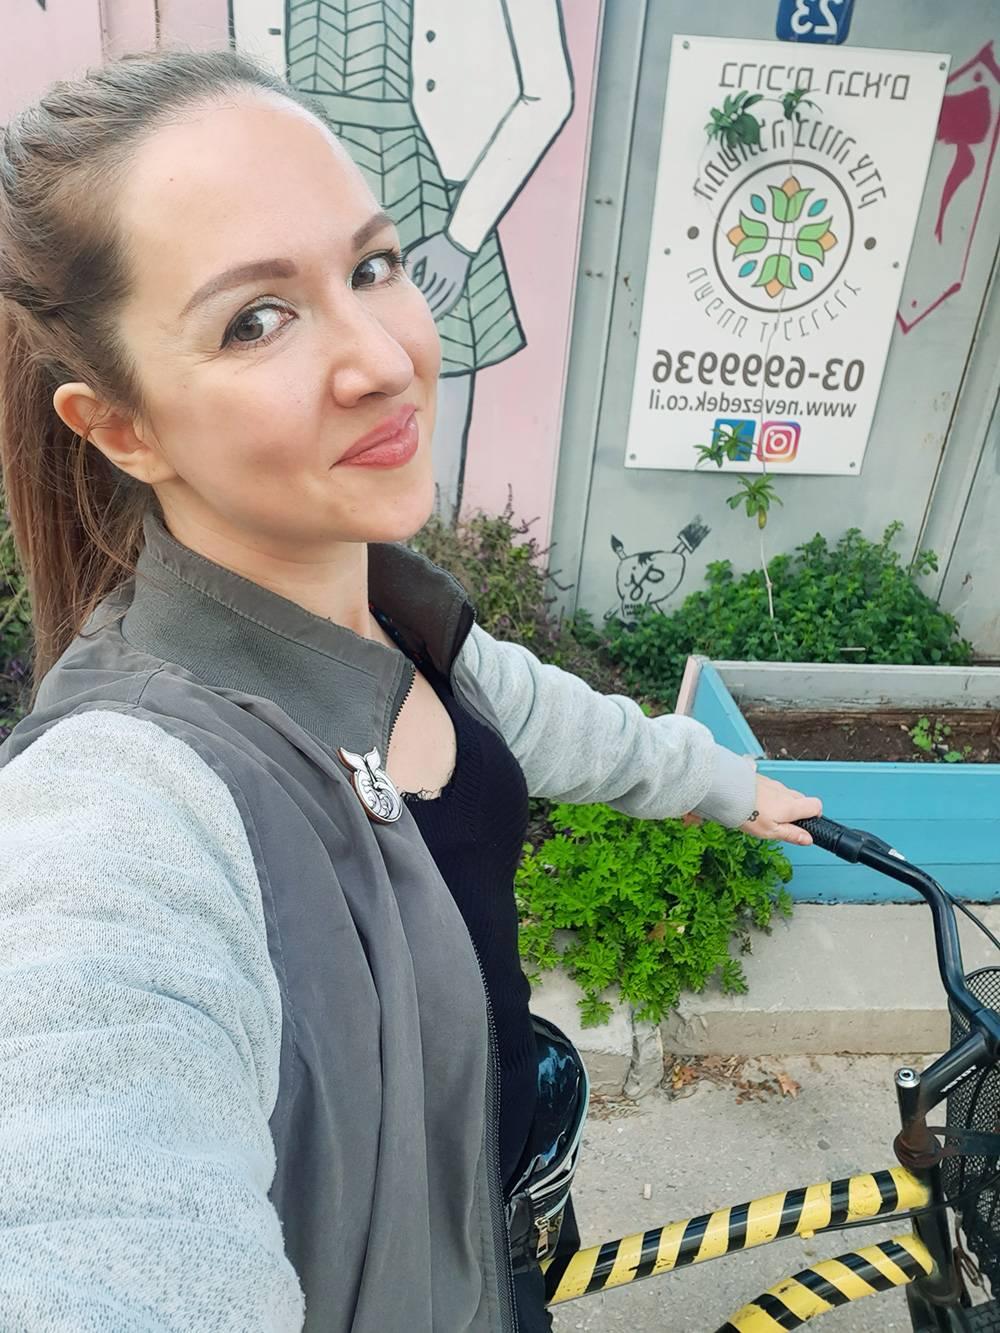 Я пользовалась велосипедом из хостела, чтобы съездить в супермаркет за продуктами